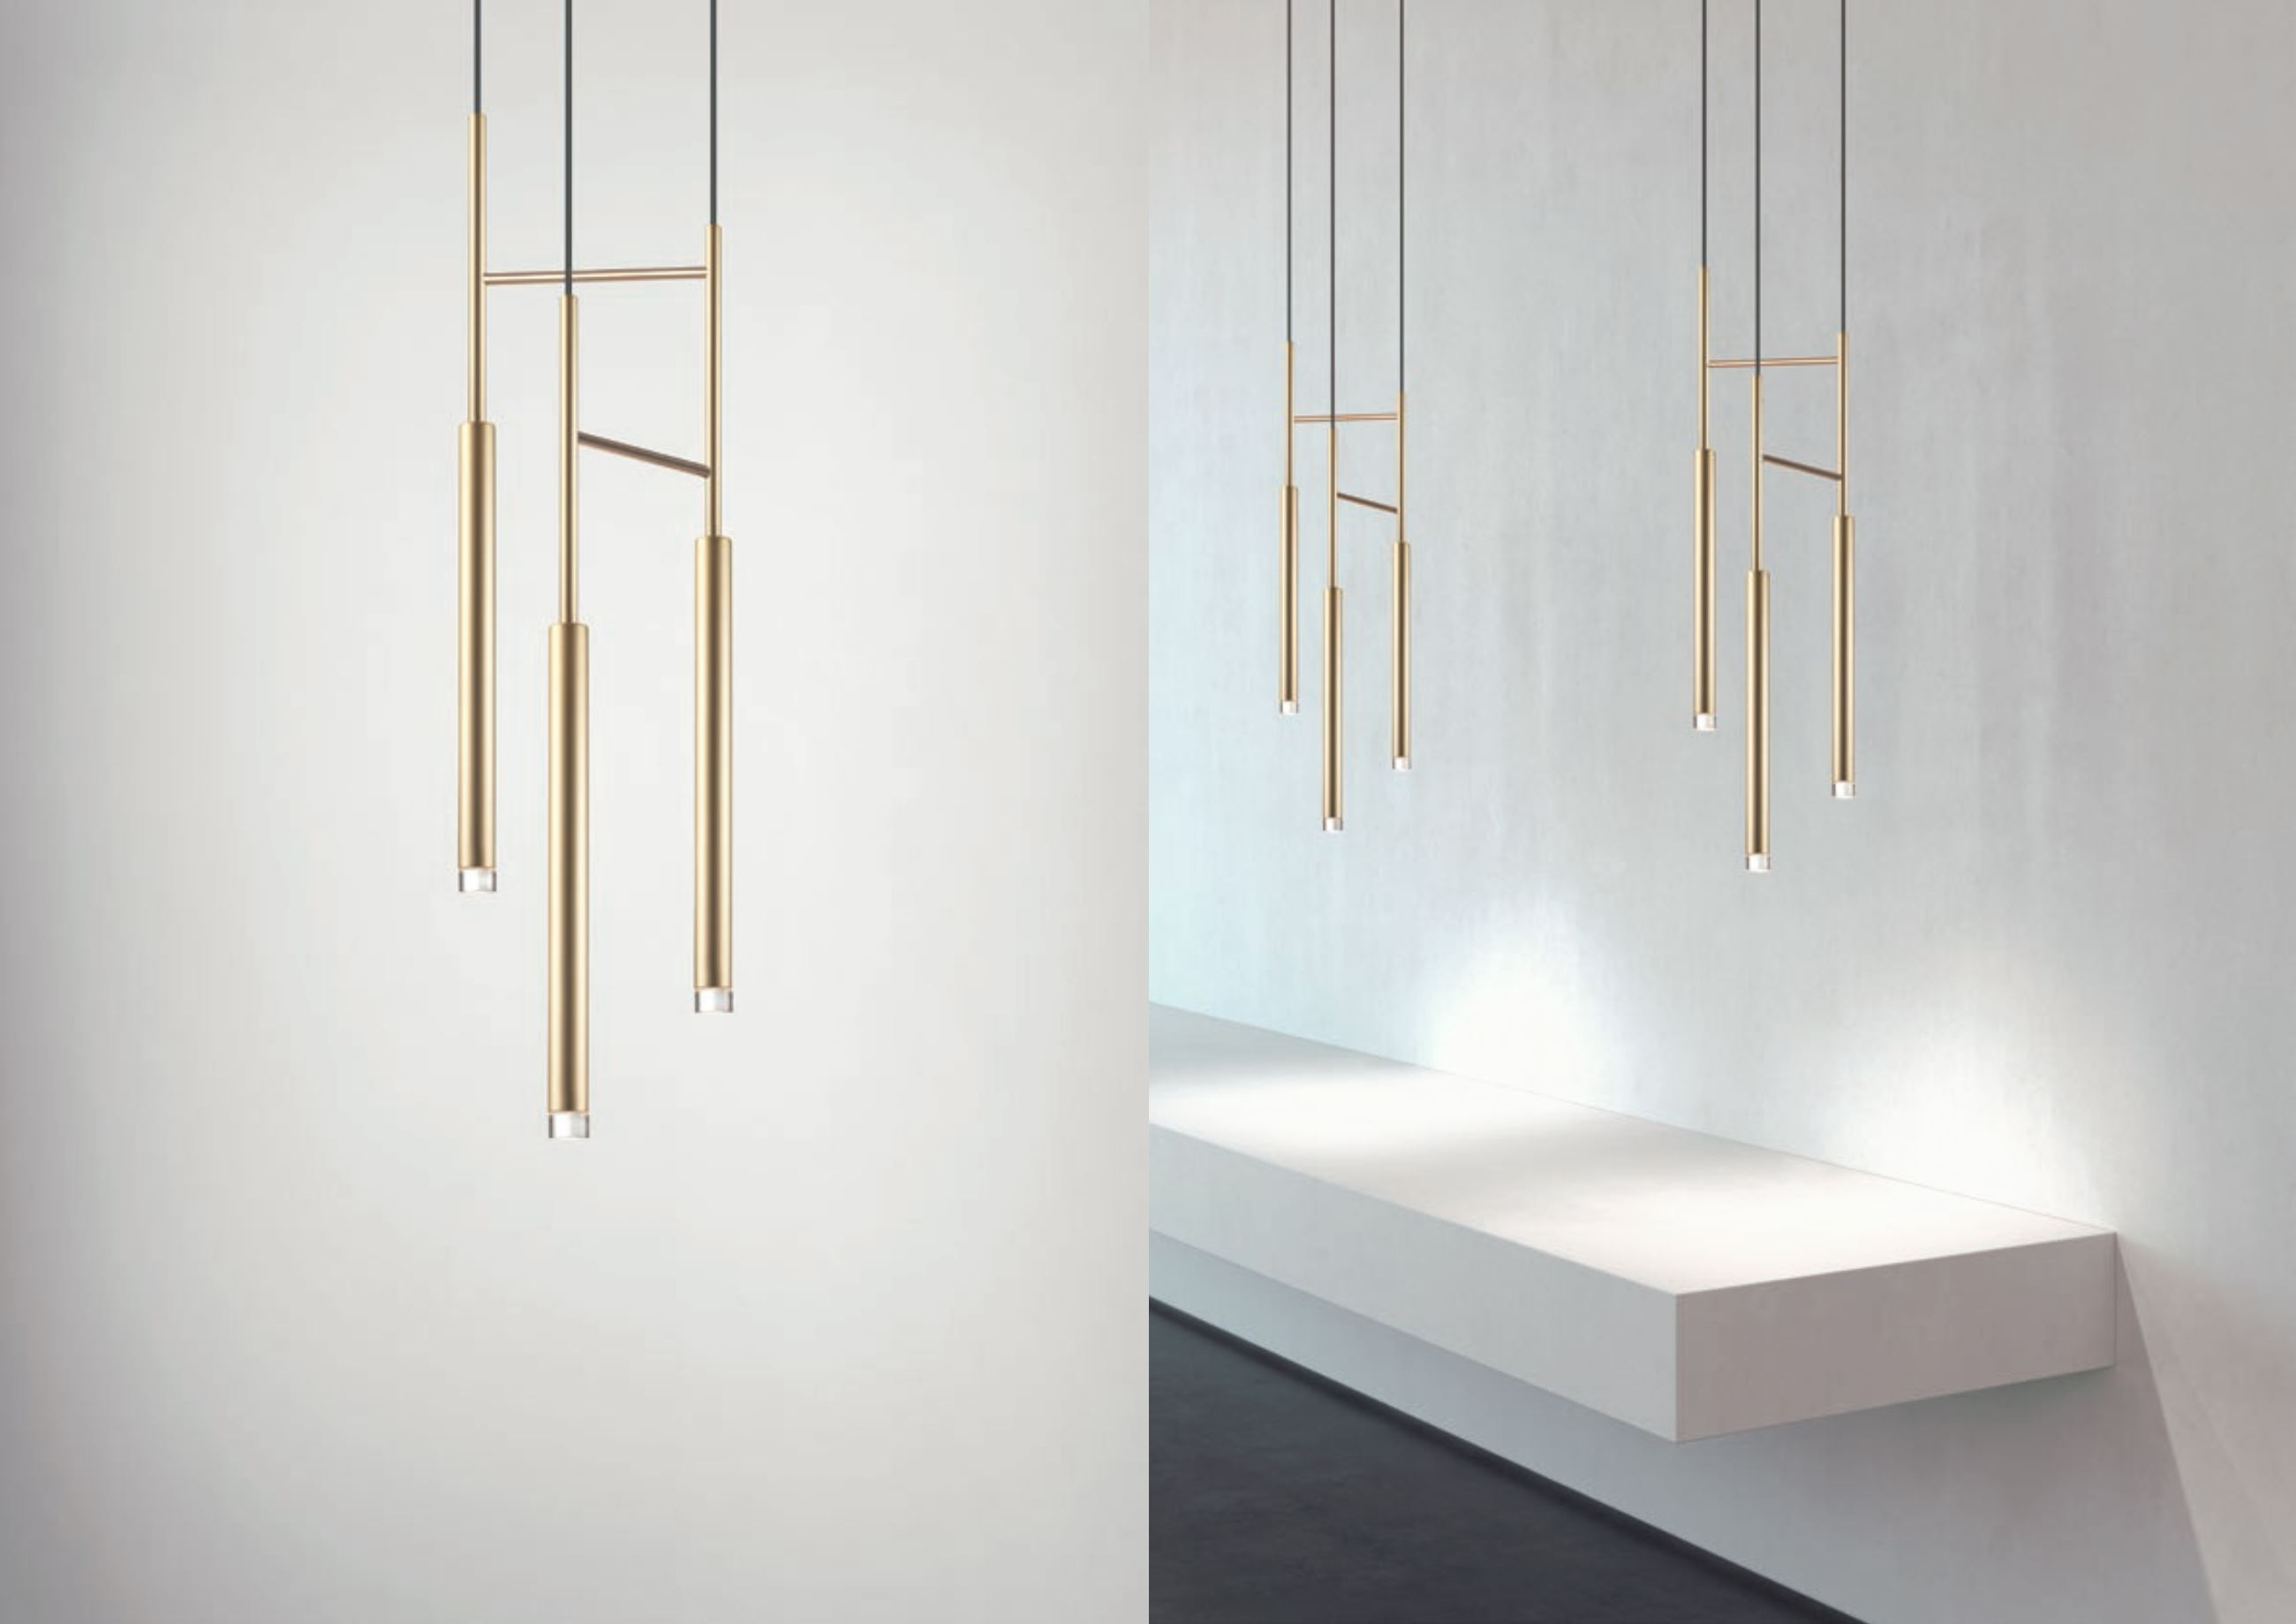 moderne-valgusti-labi-2-korruse